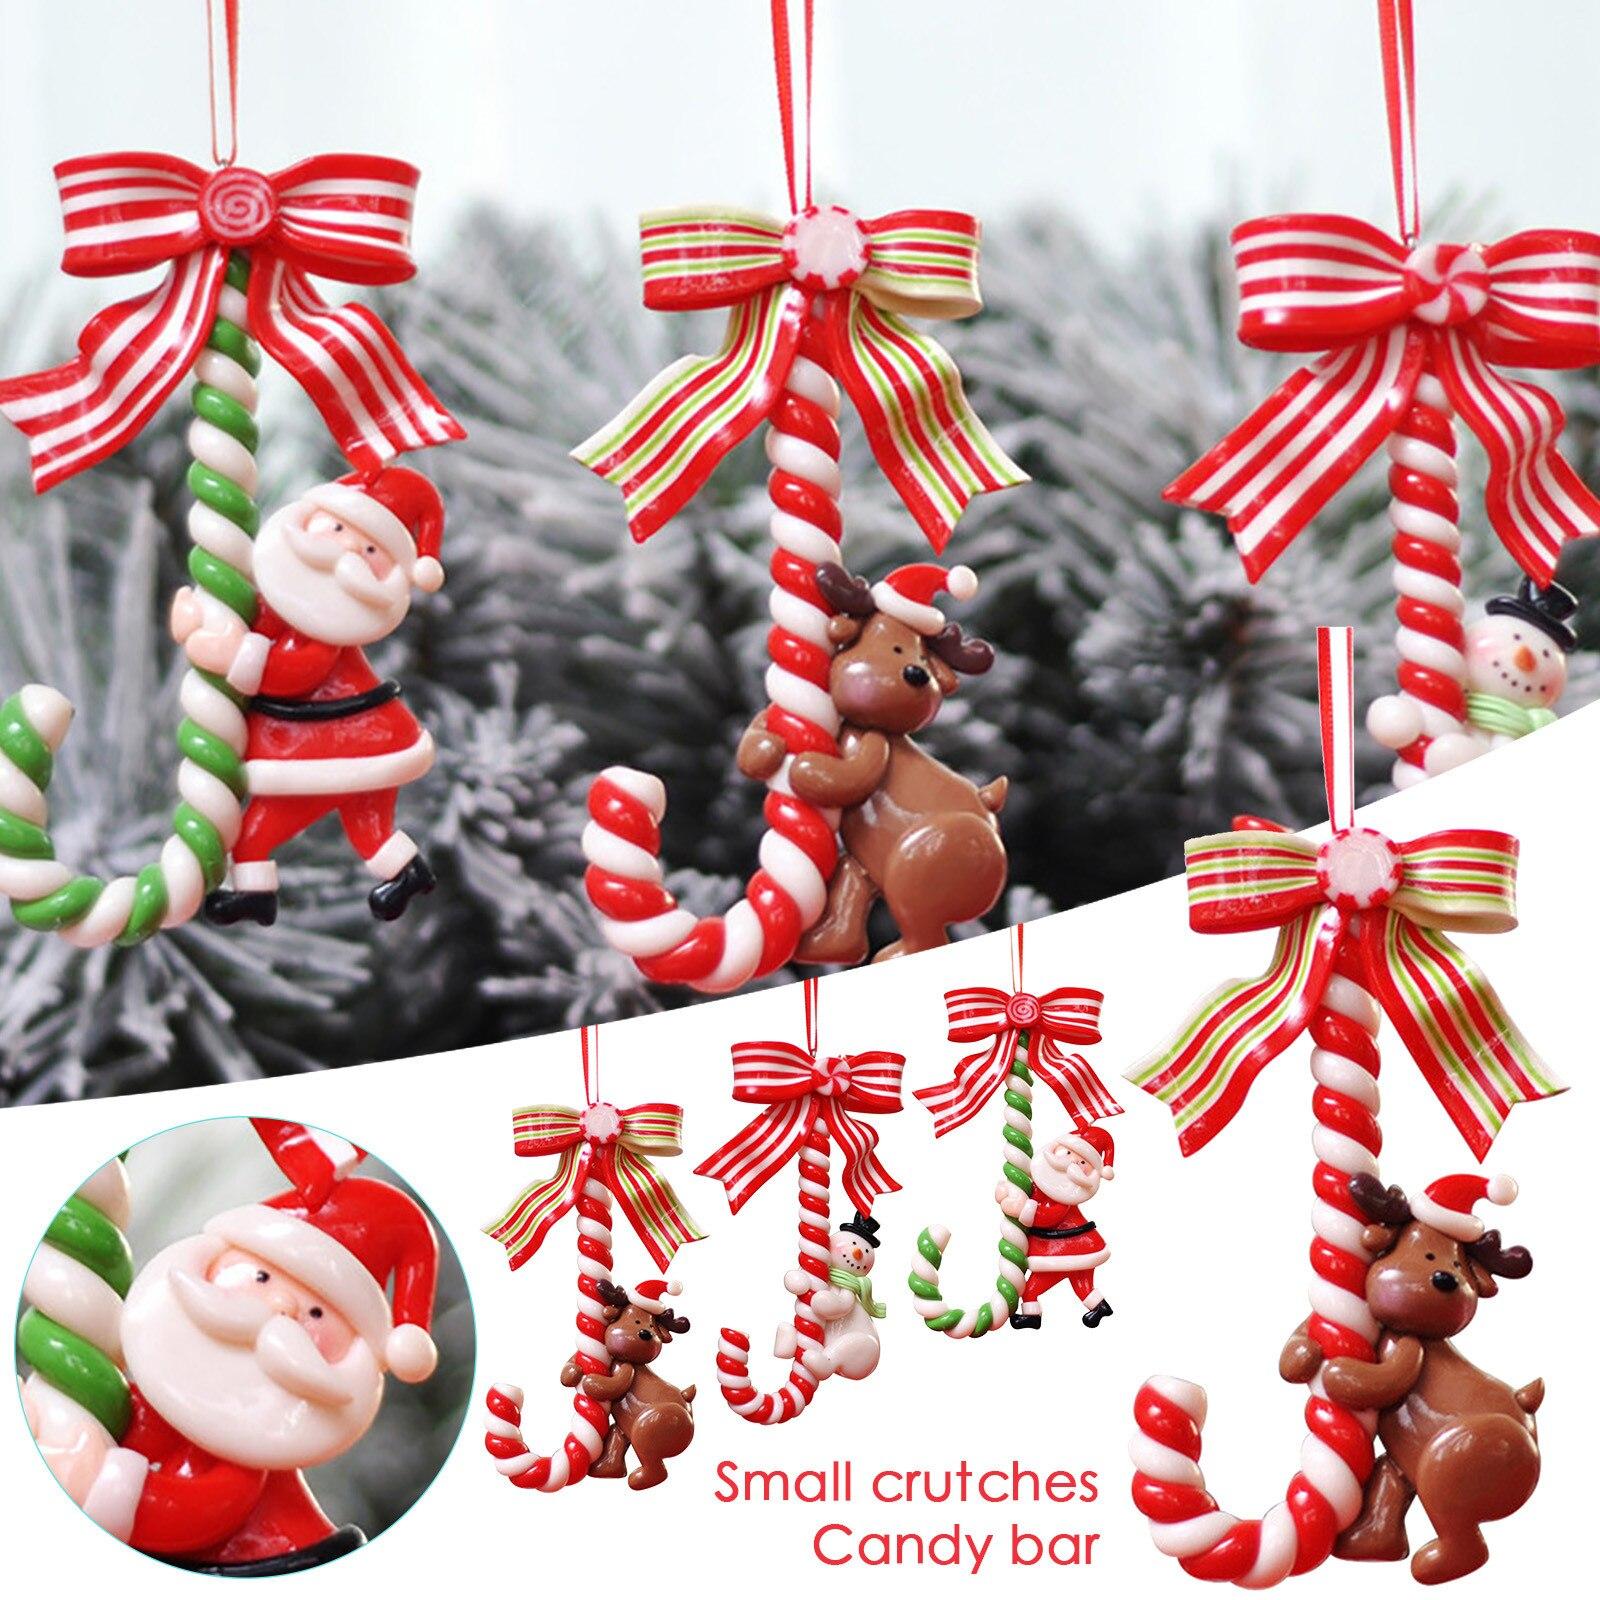 1 unidades/pacote para o ano novo festa de natal dos miúdos presente natal pendurado cane doces ornamentos da árvore de natal muleta pingente decoração